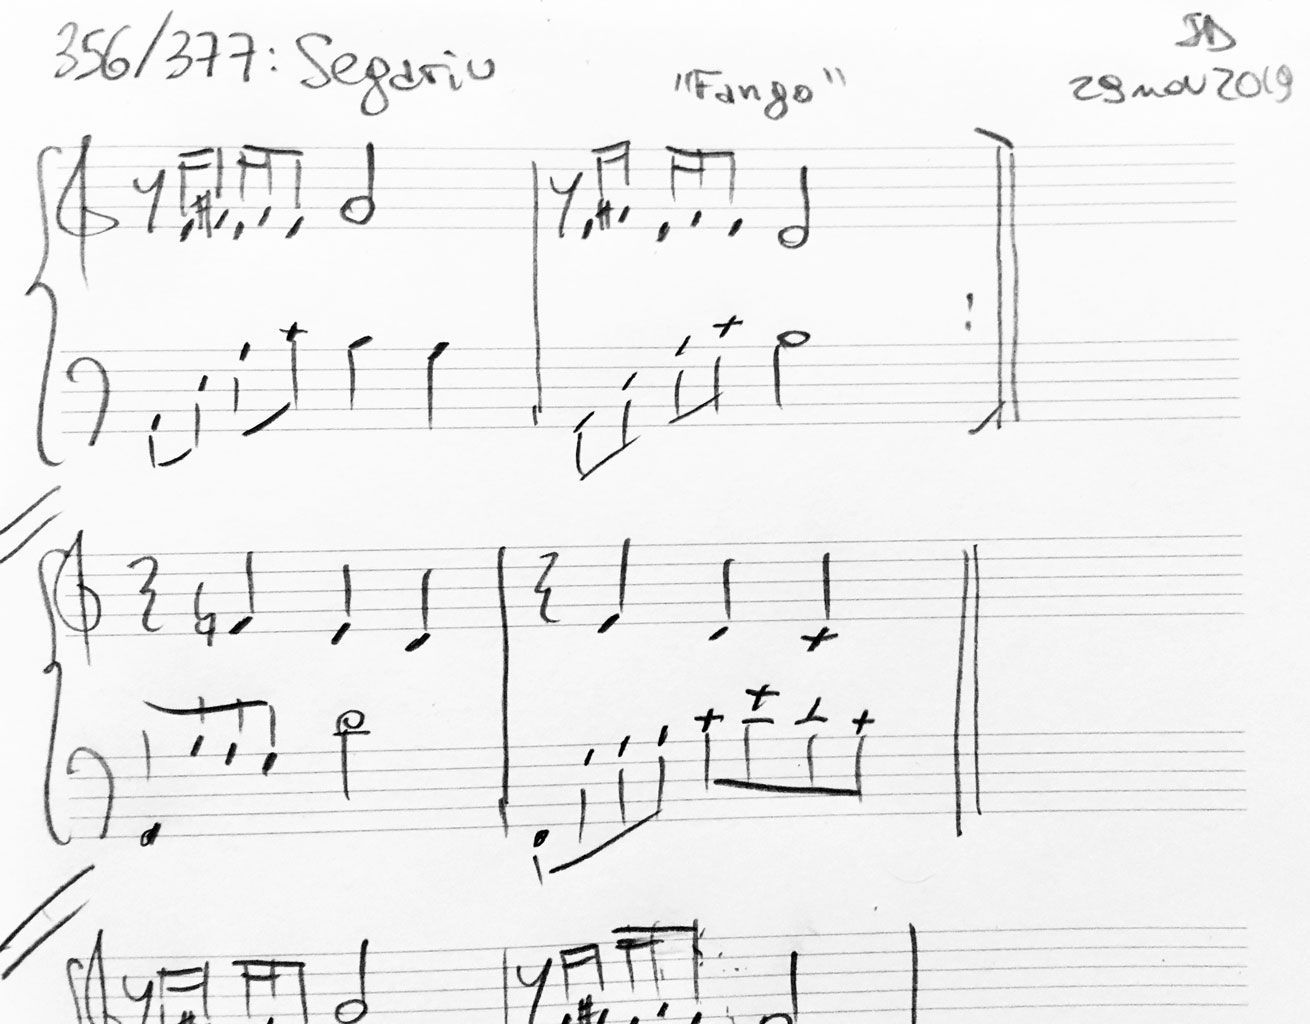 356-Segariu-score